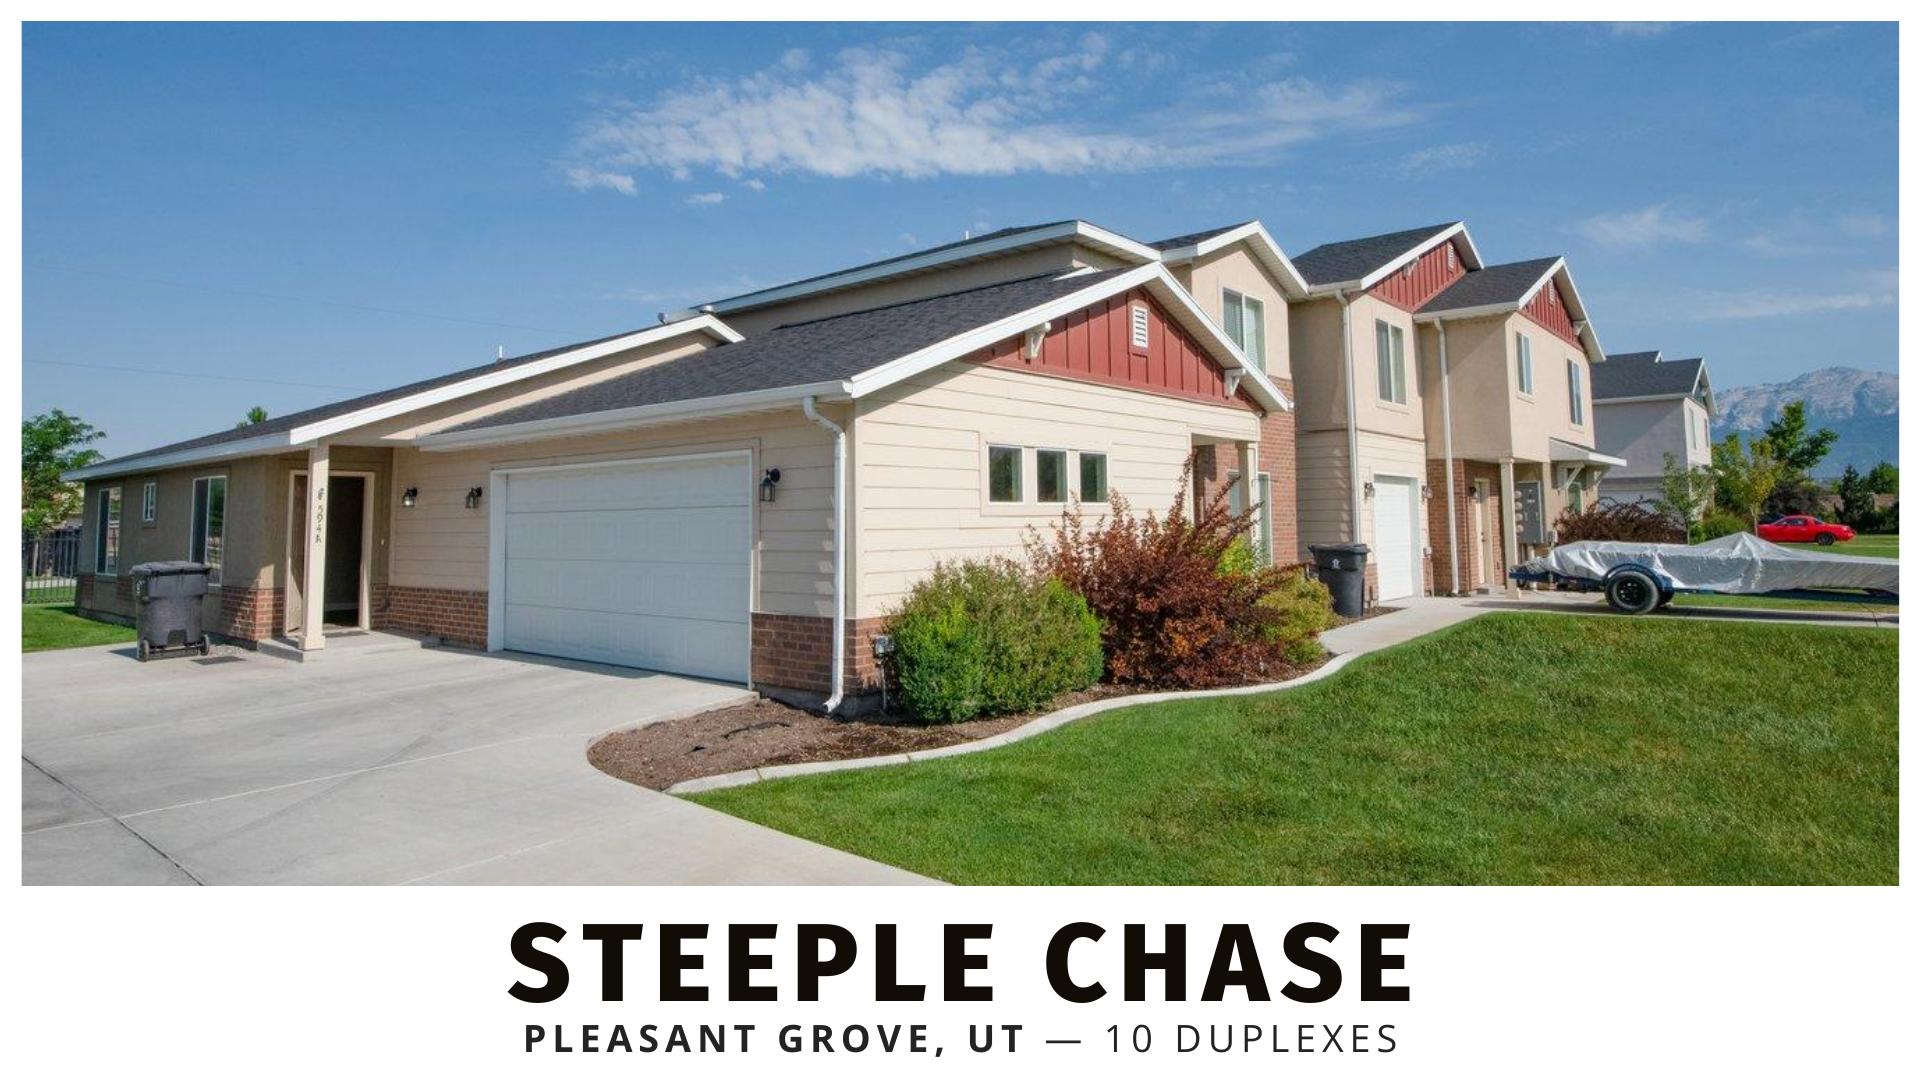 Steeple Chase duplexes in Pleasant Grove, Utah